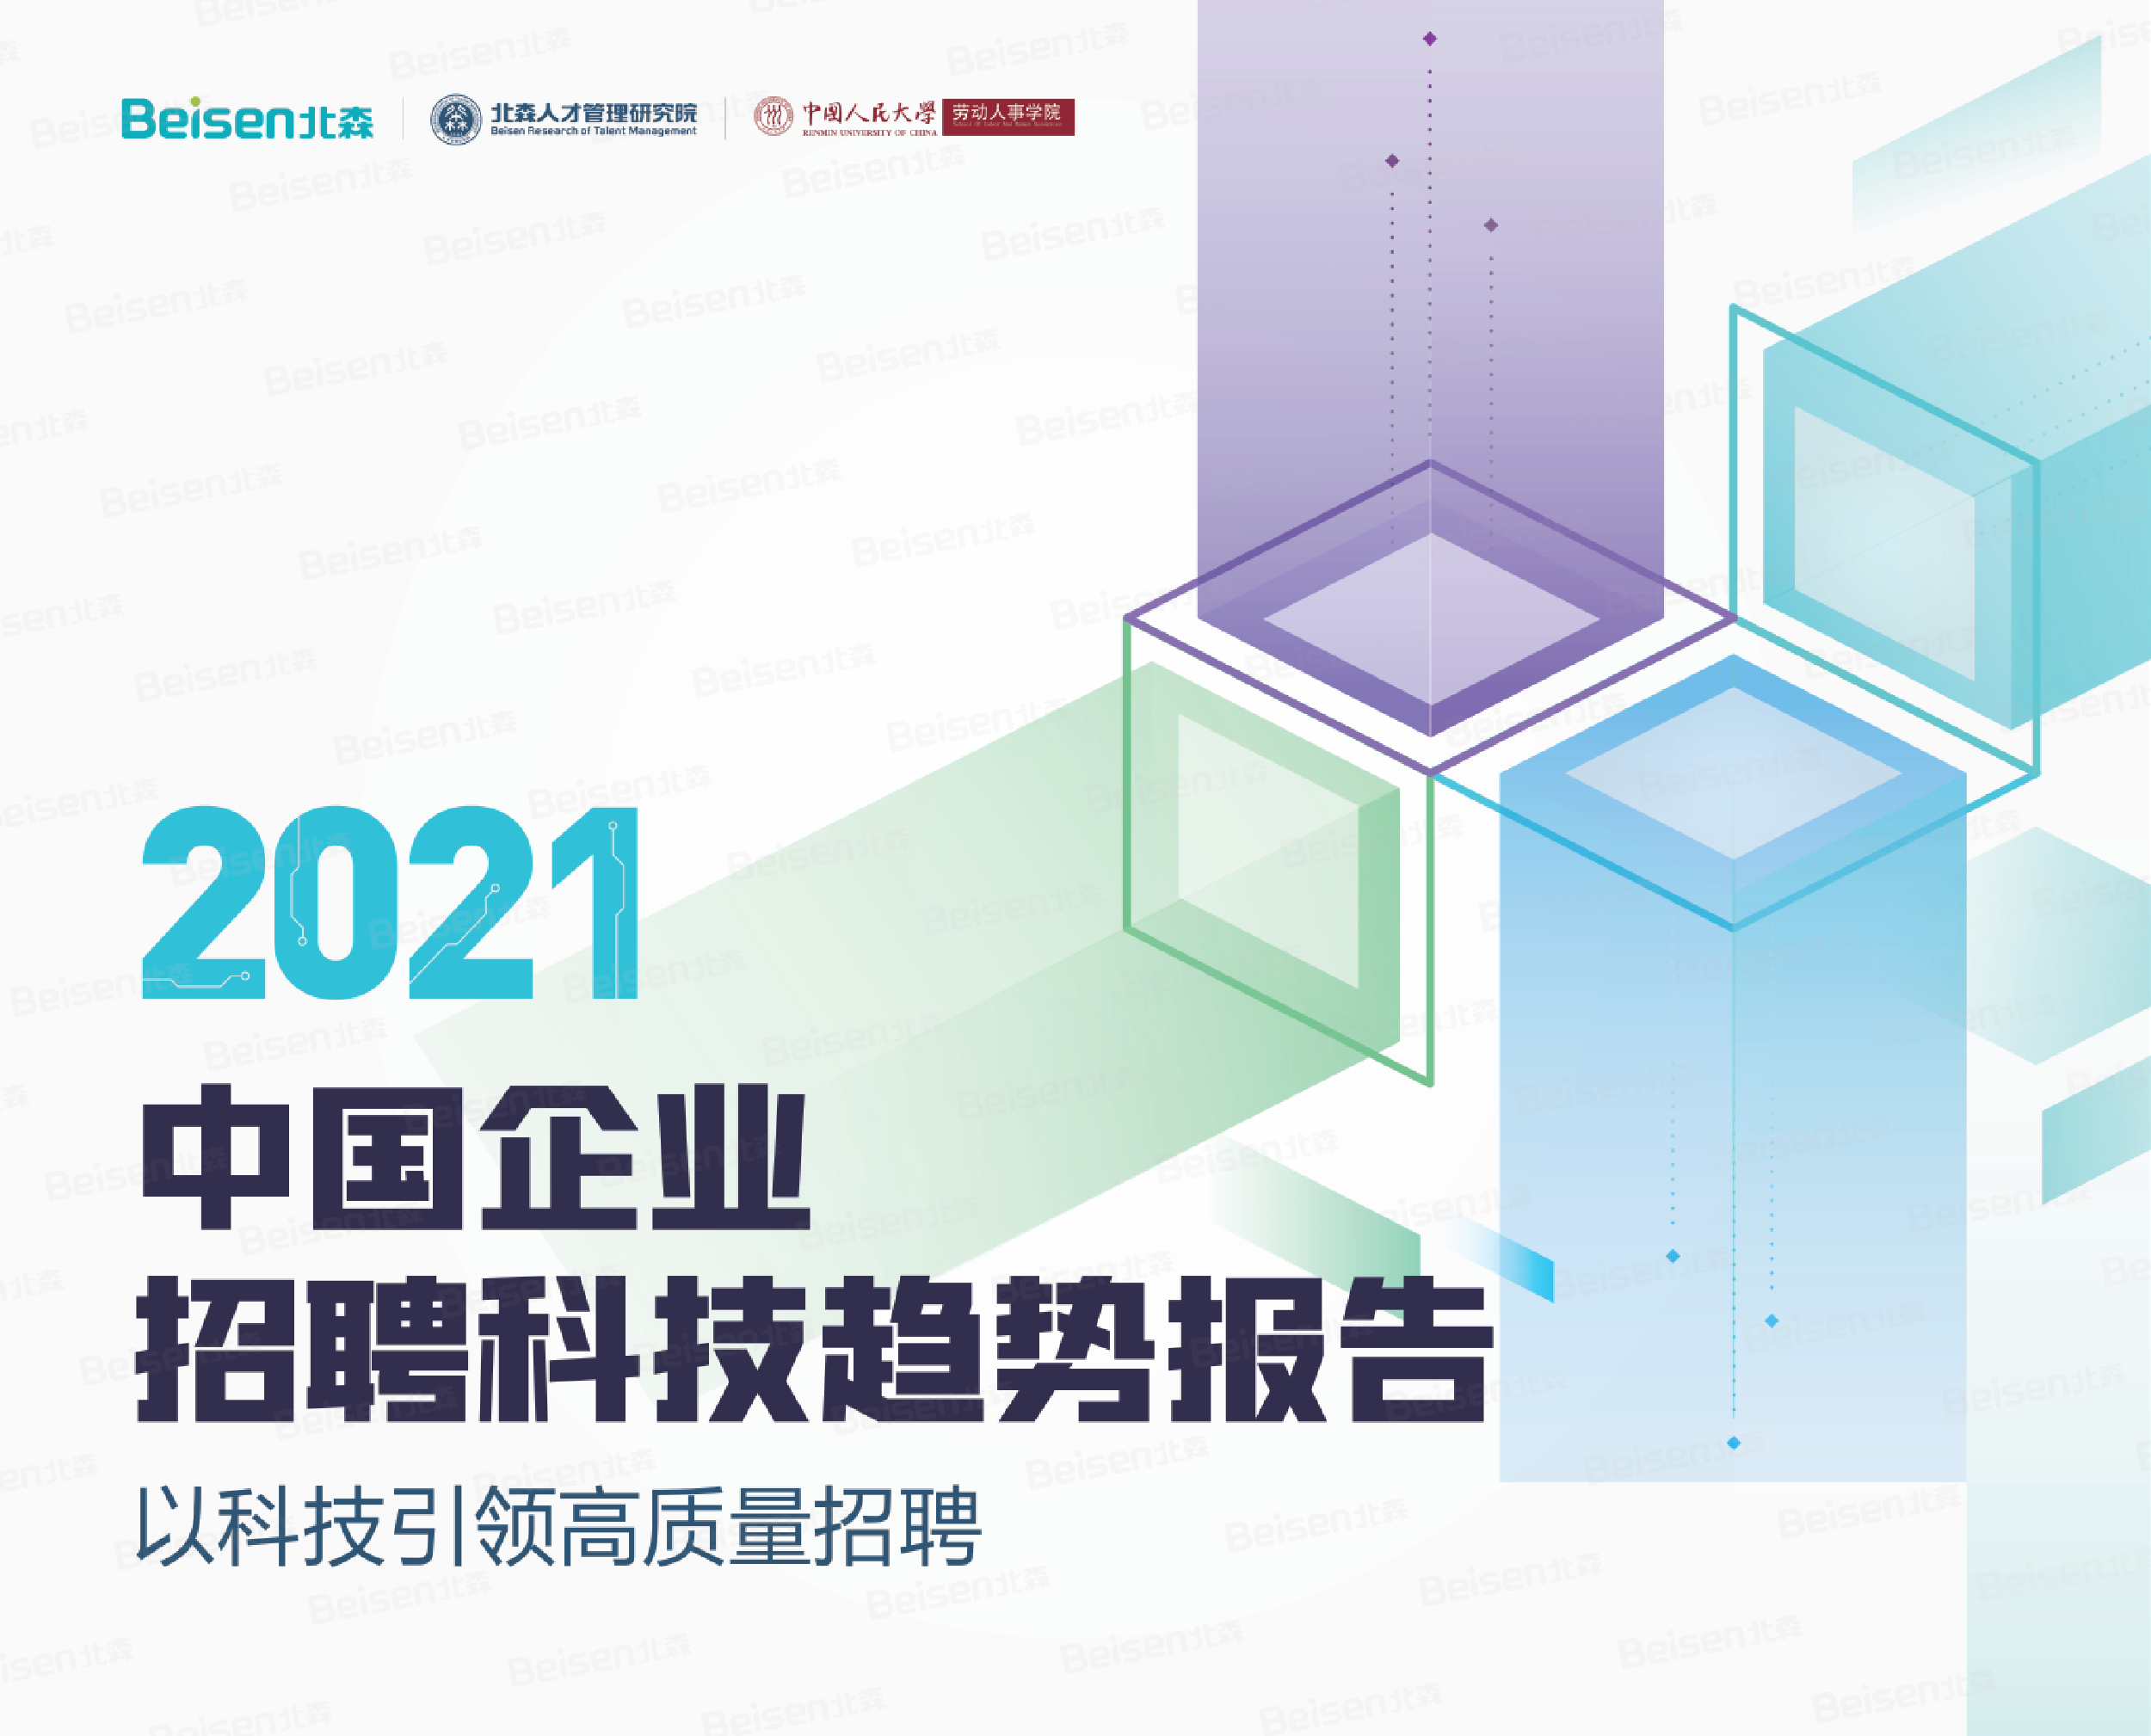 2021招聘科技趋势报告